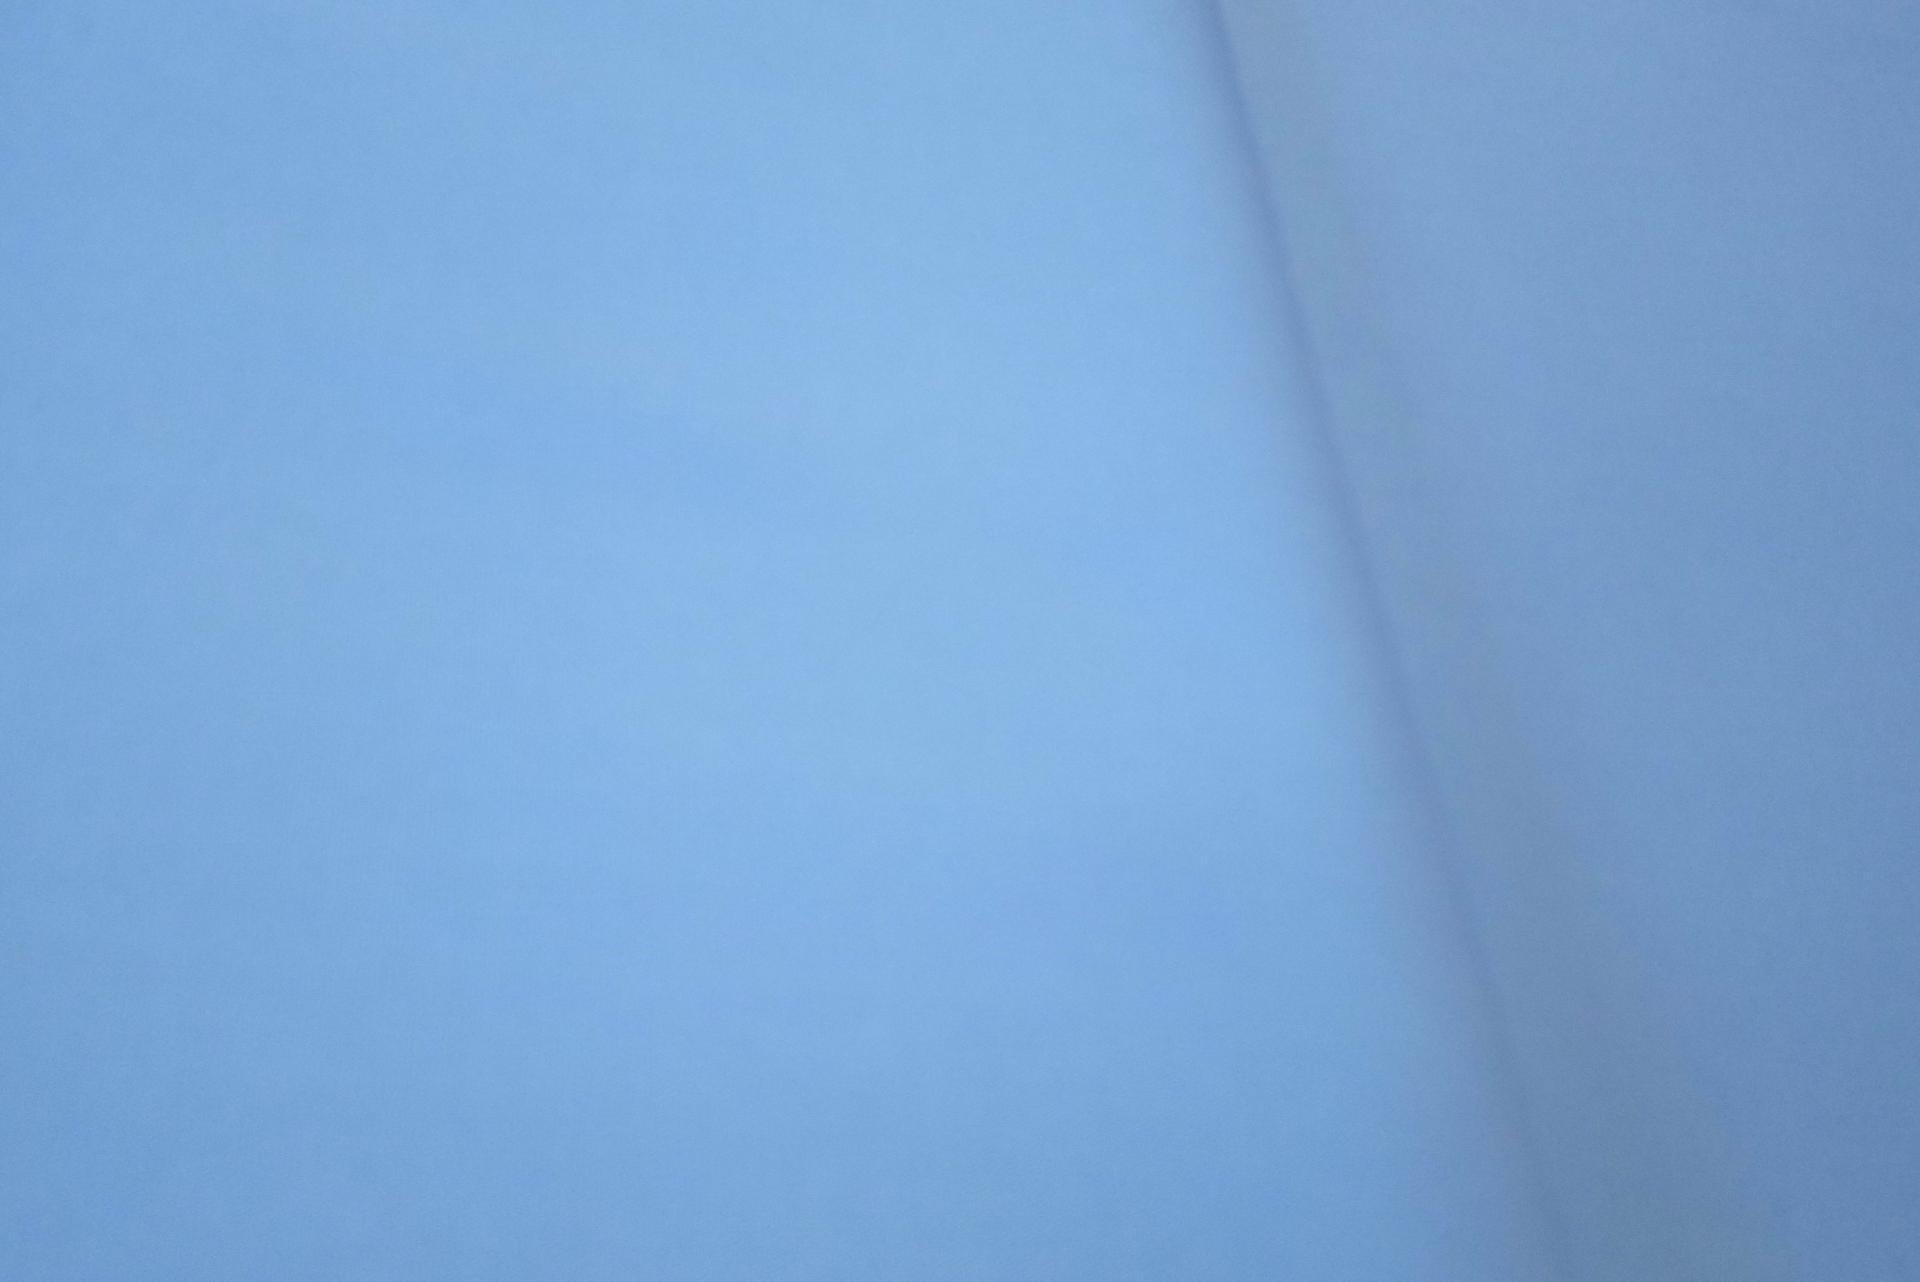 Uni10 bleu clair 2